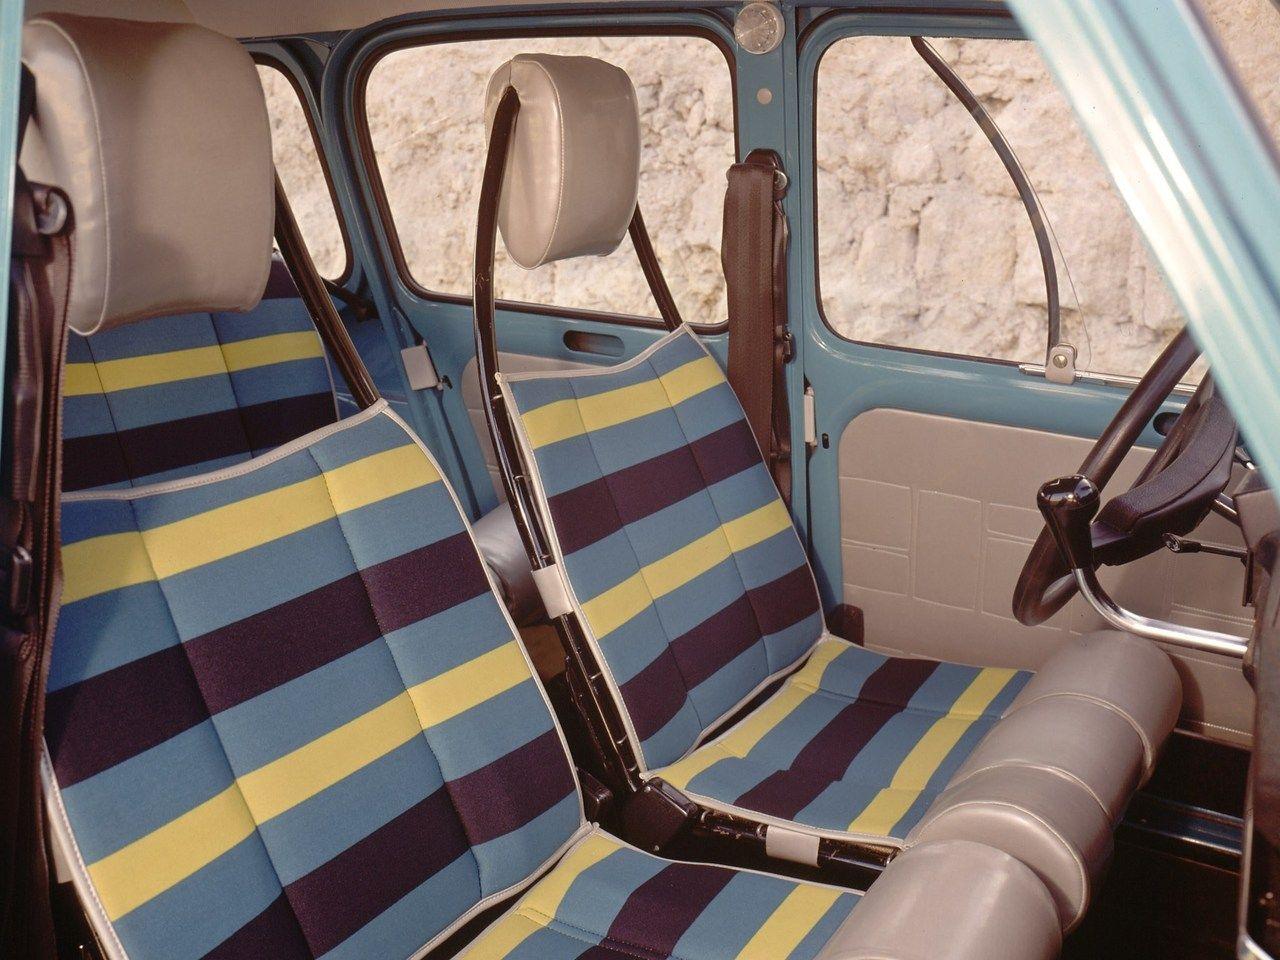 1975 Renault 4 Safari Renault 4 Renault Car Interior